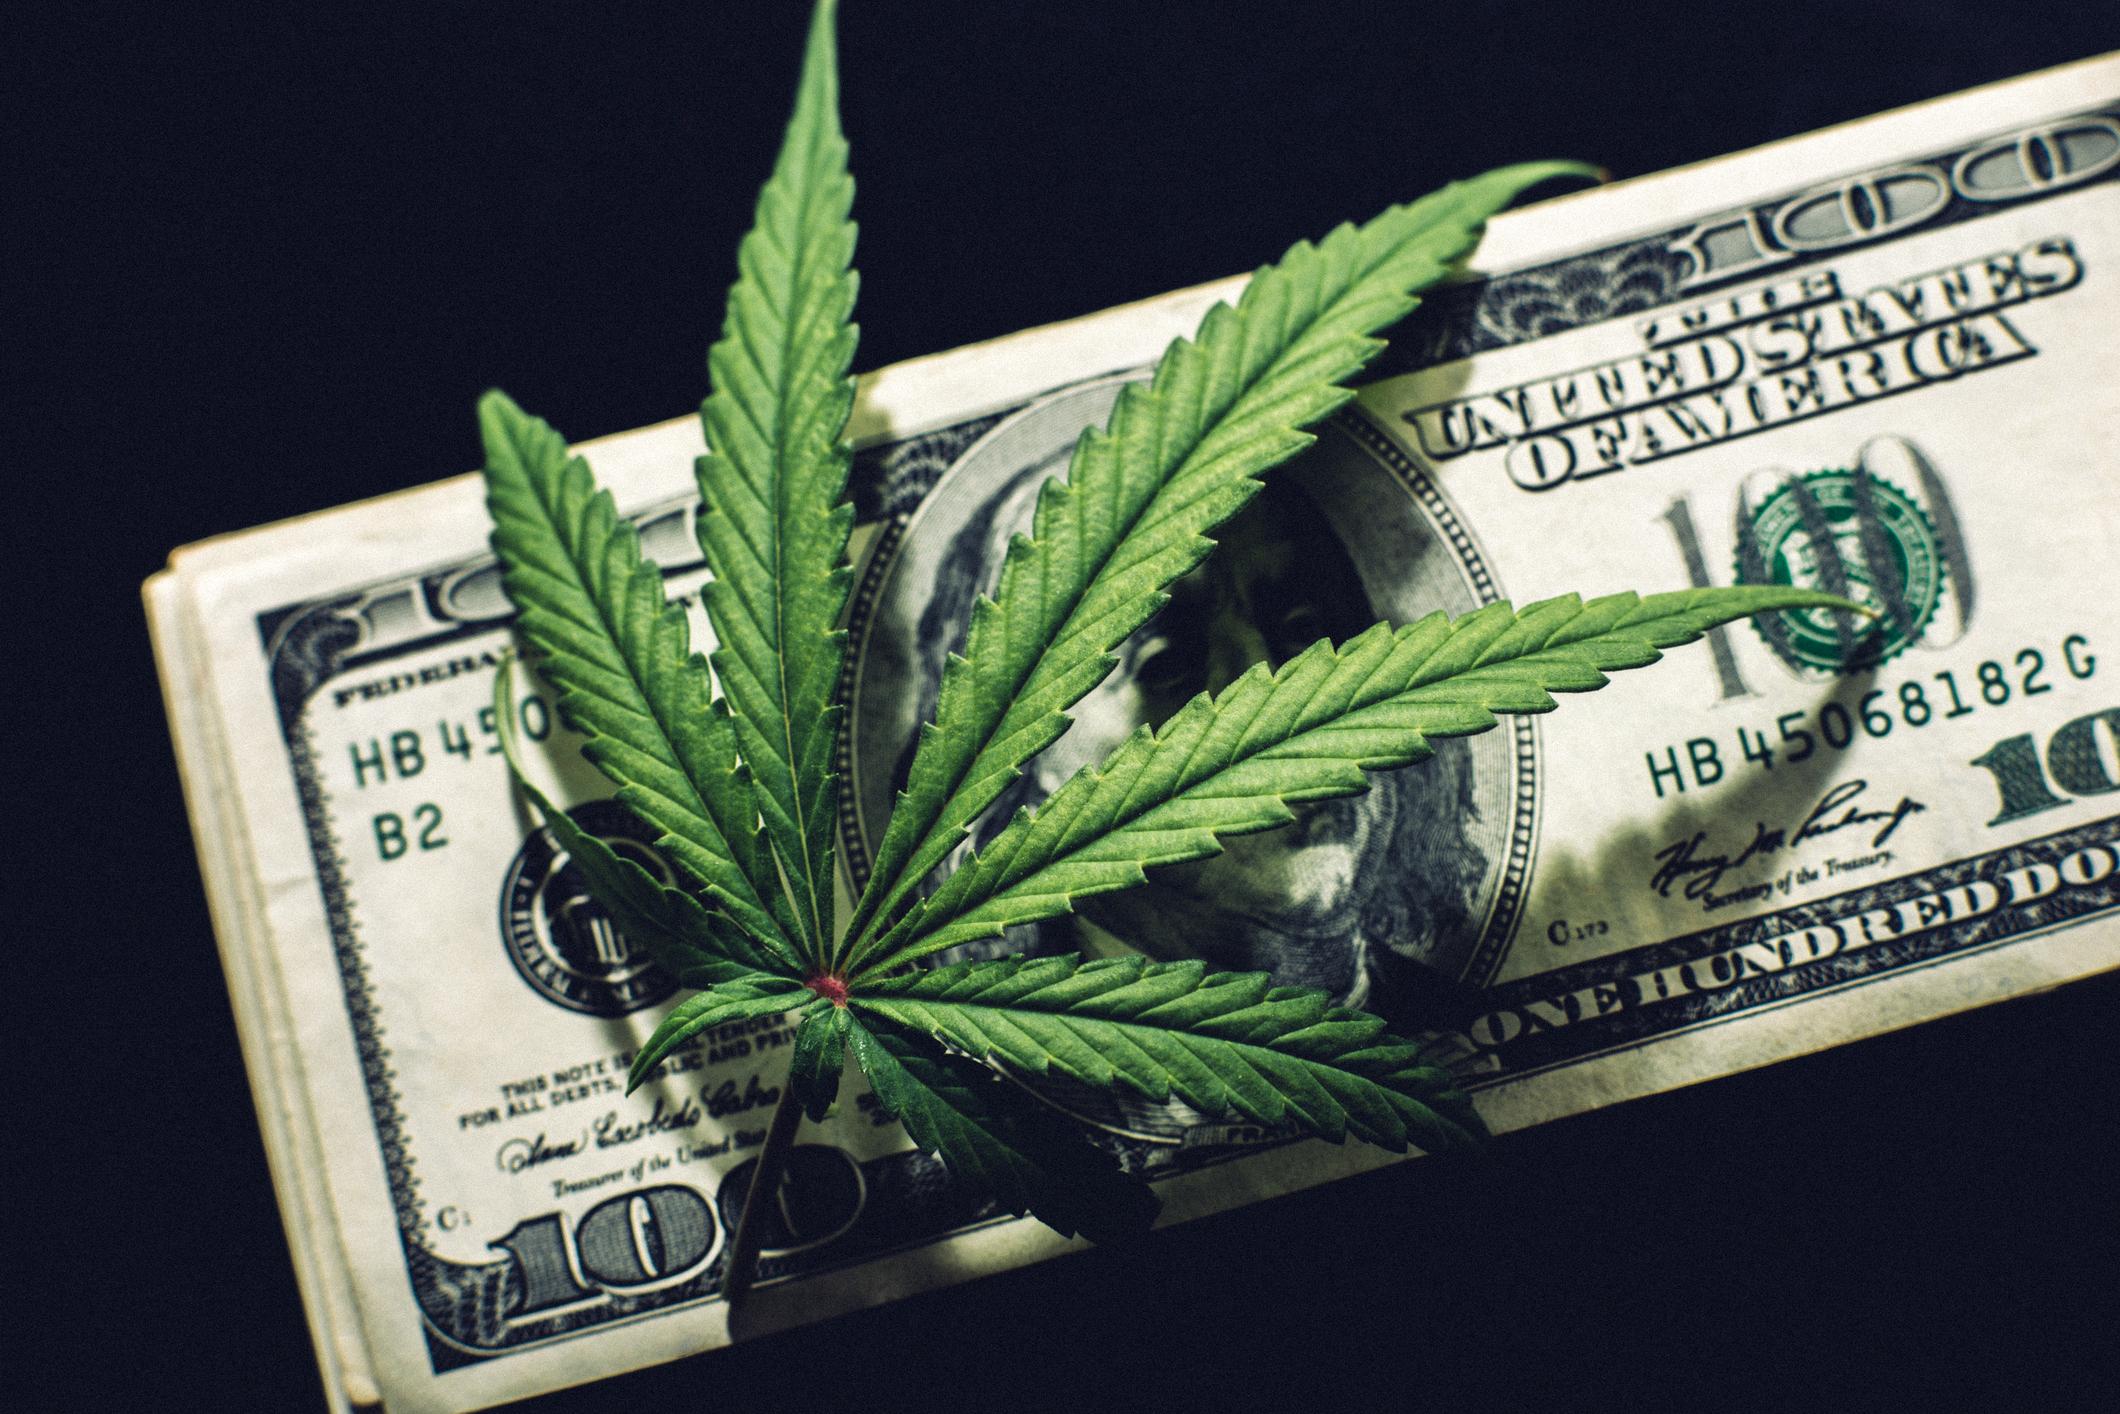 A cannabis leaf atop a hundred-dollar bill.